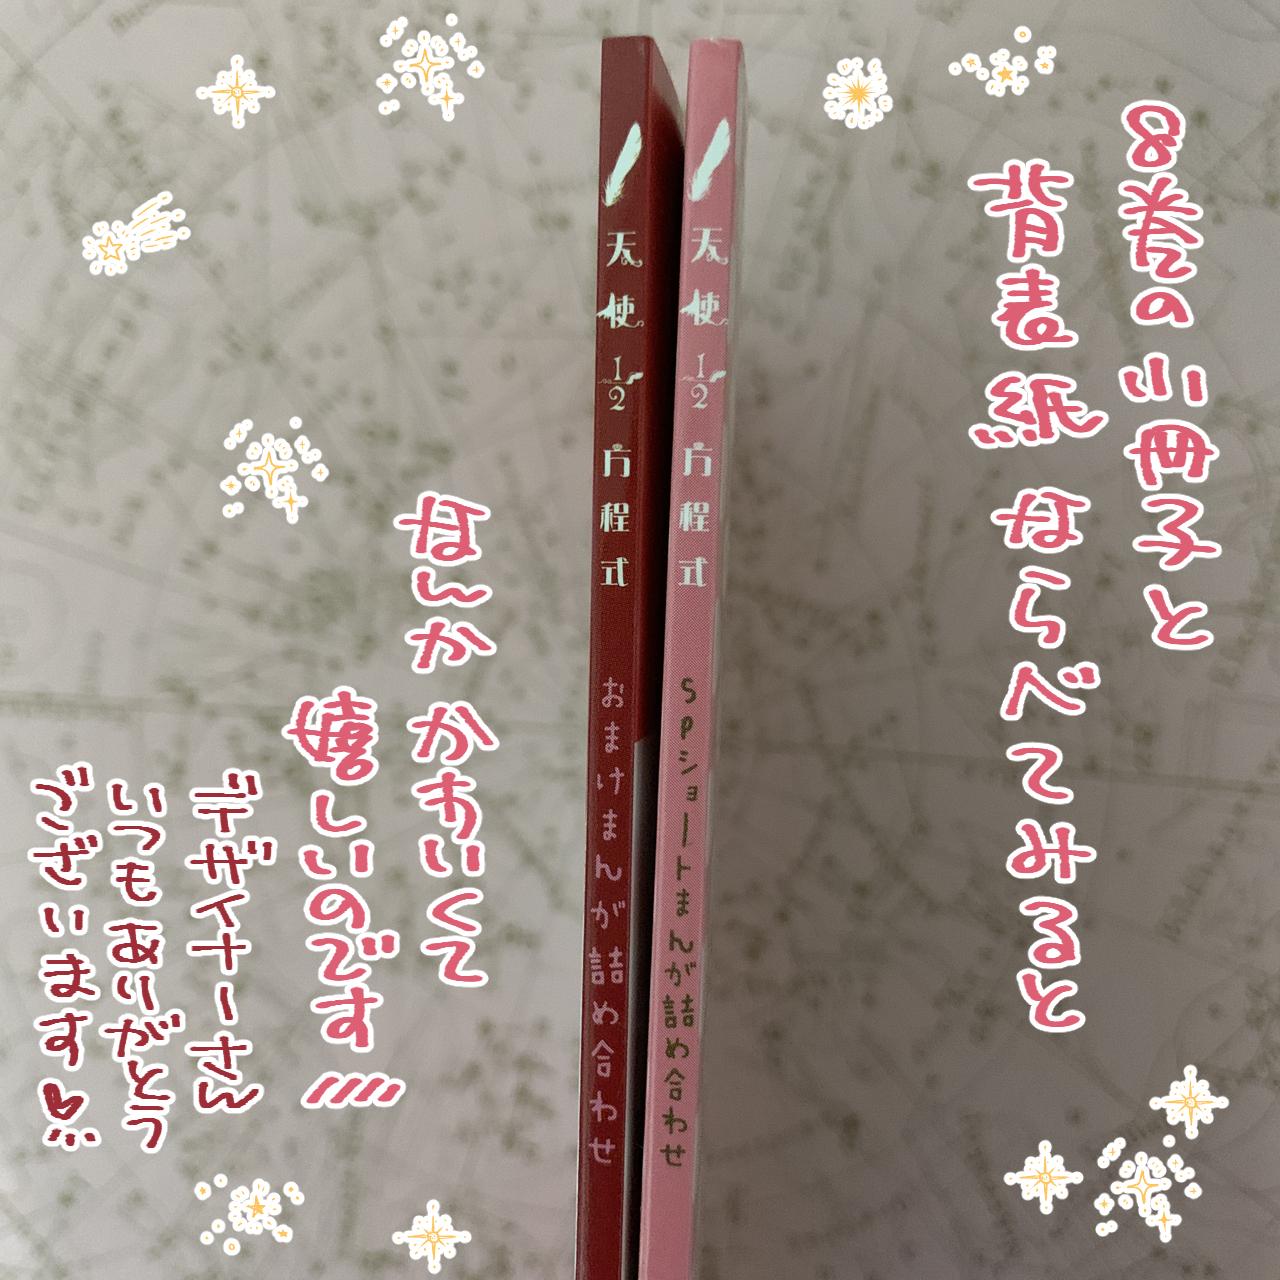 C78DA362-012C-4C55-BA86-18AC3D2E3853.jpg